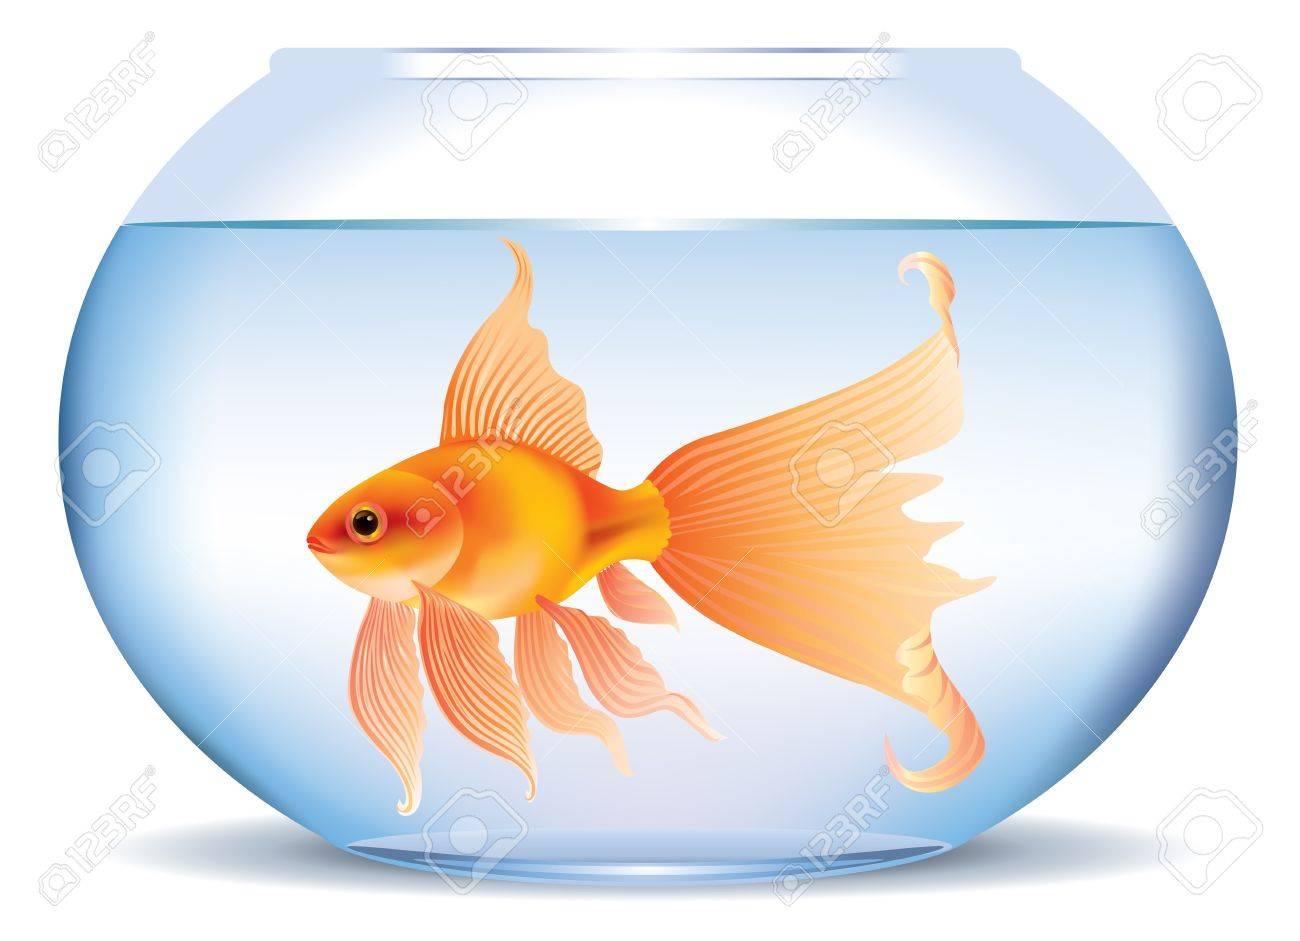 Illustration of goldfish in aquarium Stock Vector - 14175792